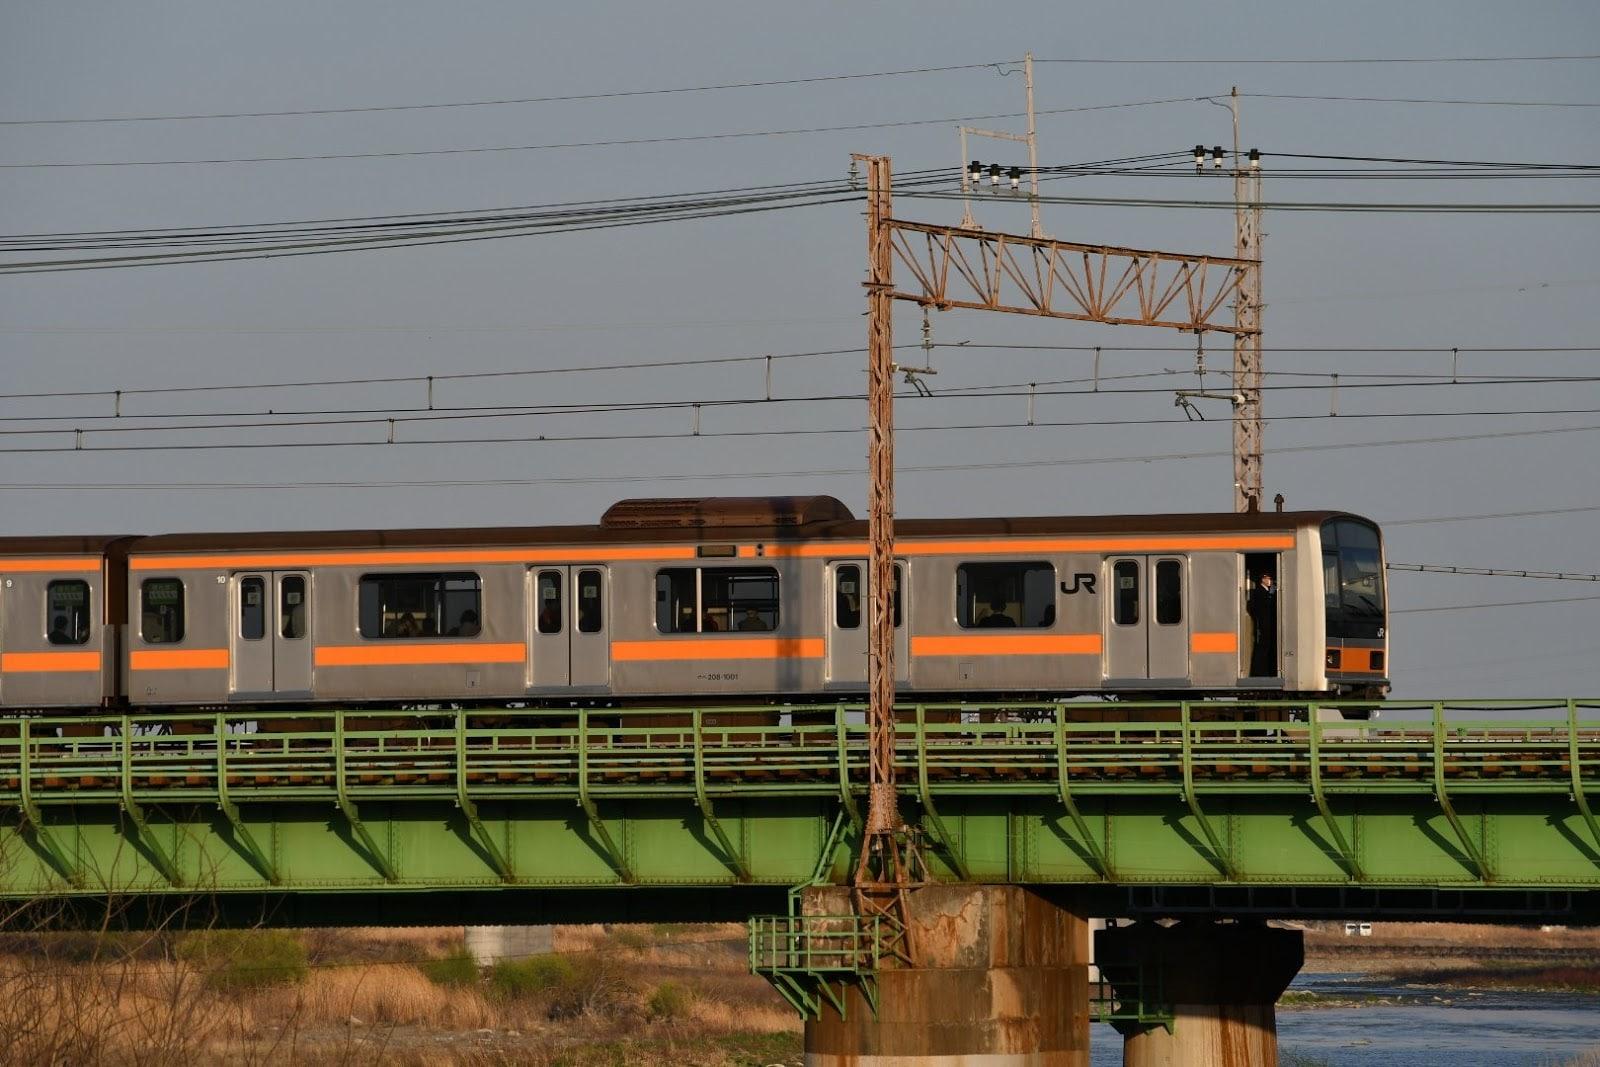 撮り鉄の立ち入りで停車したJR中央線の電車(3月24日、撮影:もりりんさん)